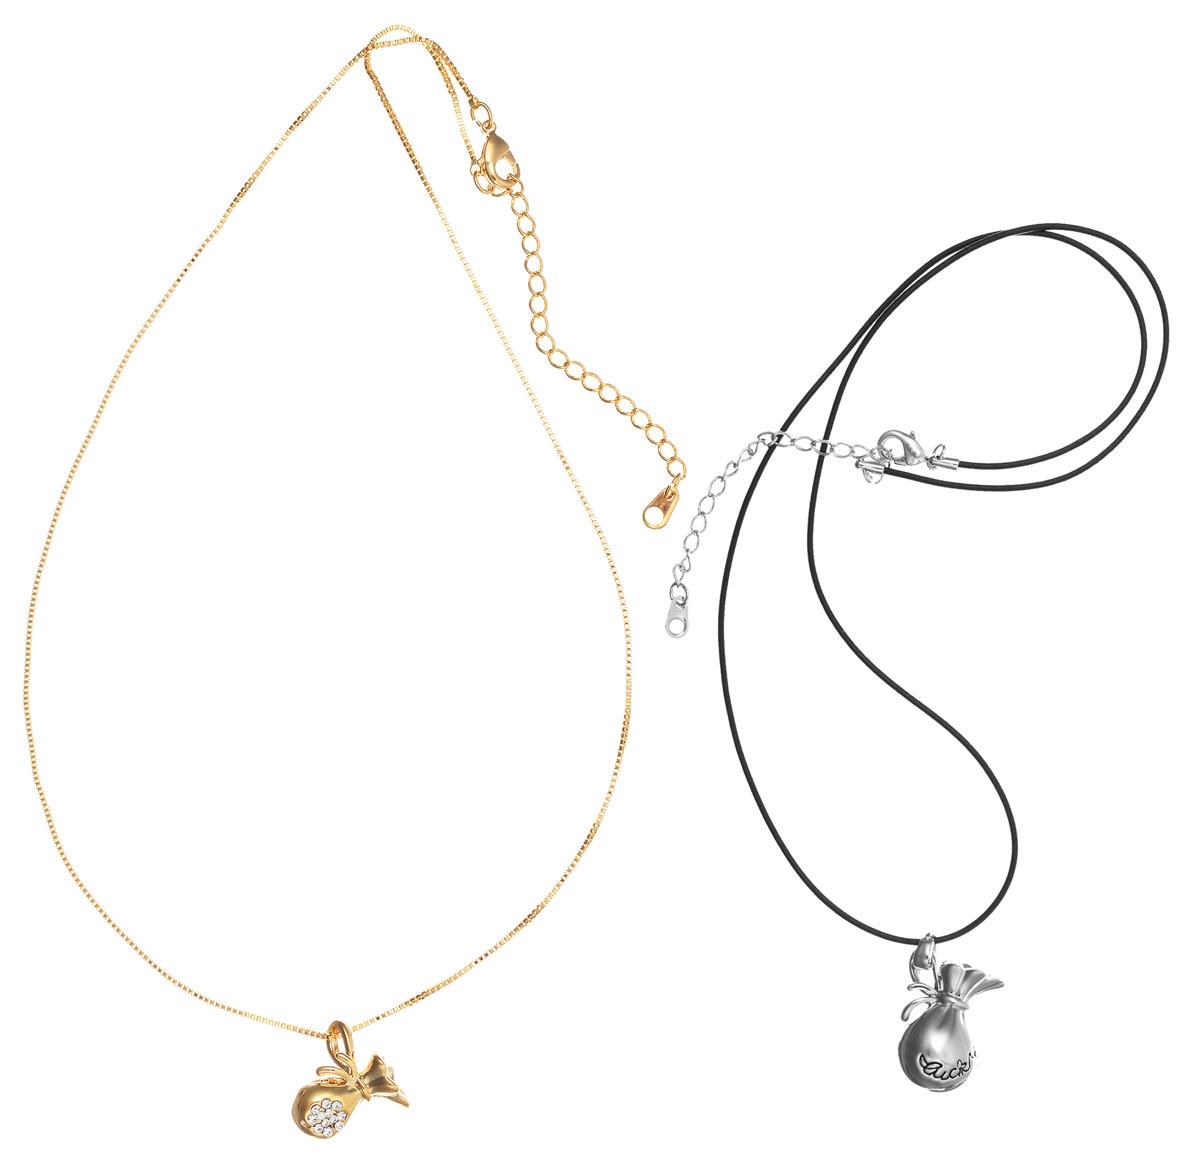 Колье Art-Silver, цвет: золотой, серебряный, черный. 13416-1000Ожерелье (короткие многоярусные бусы)Оригинальный комплект из двух колье Art-Silver выполнен из бижутерного сплава. Одно колье представляет собой цепочку оригинального плетения, которая дополнена подвеской в виде кувшинчика, украшенного кубическим цирконием. Цепочка и подвеска изделия имеют золотистое покрытие. Второе колье представляет собой основу из кожаного шнурка, который дополнен более крупной подвеской в виде кувшинчика серебристого цвета. Оба изделия застегиваются на замок-карабин с регулирующей длину цепочкой.Стильные колье станет оригинальным аксессуаром как для повседневного, так и для вечернего наряда, оно подчеркнет вашу индивидуальность и неповторимый стиль.